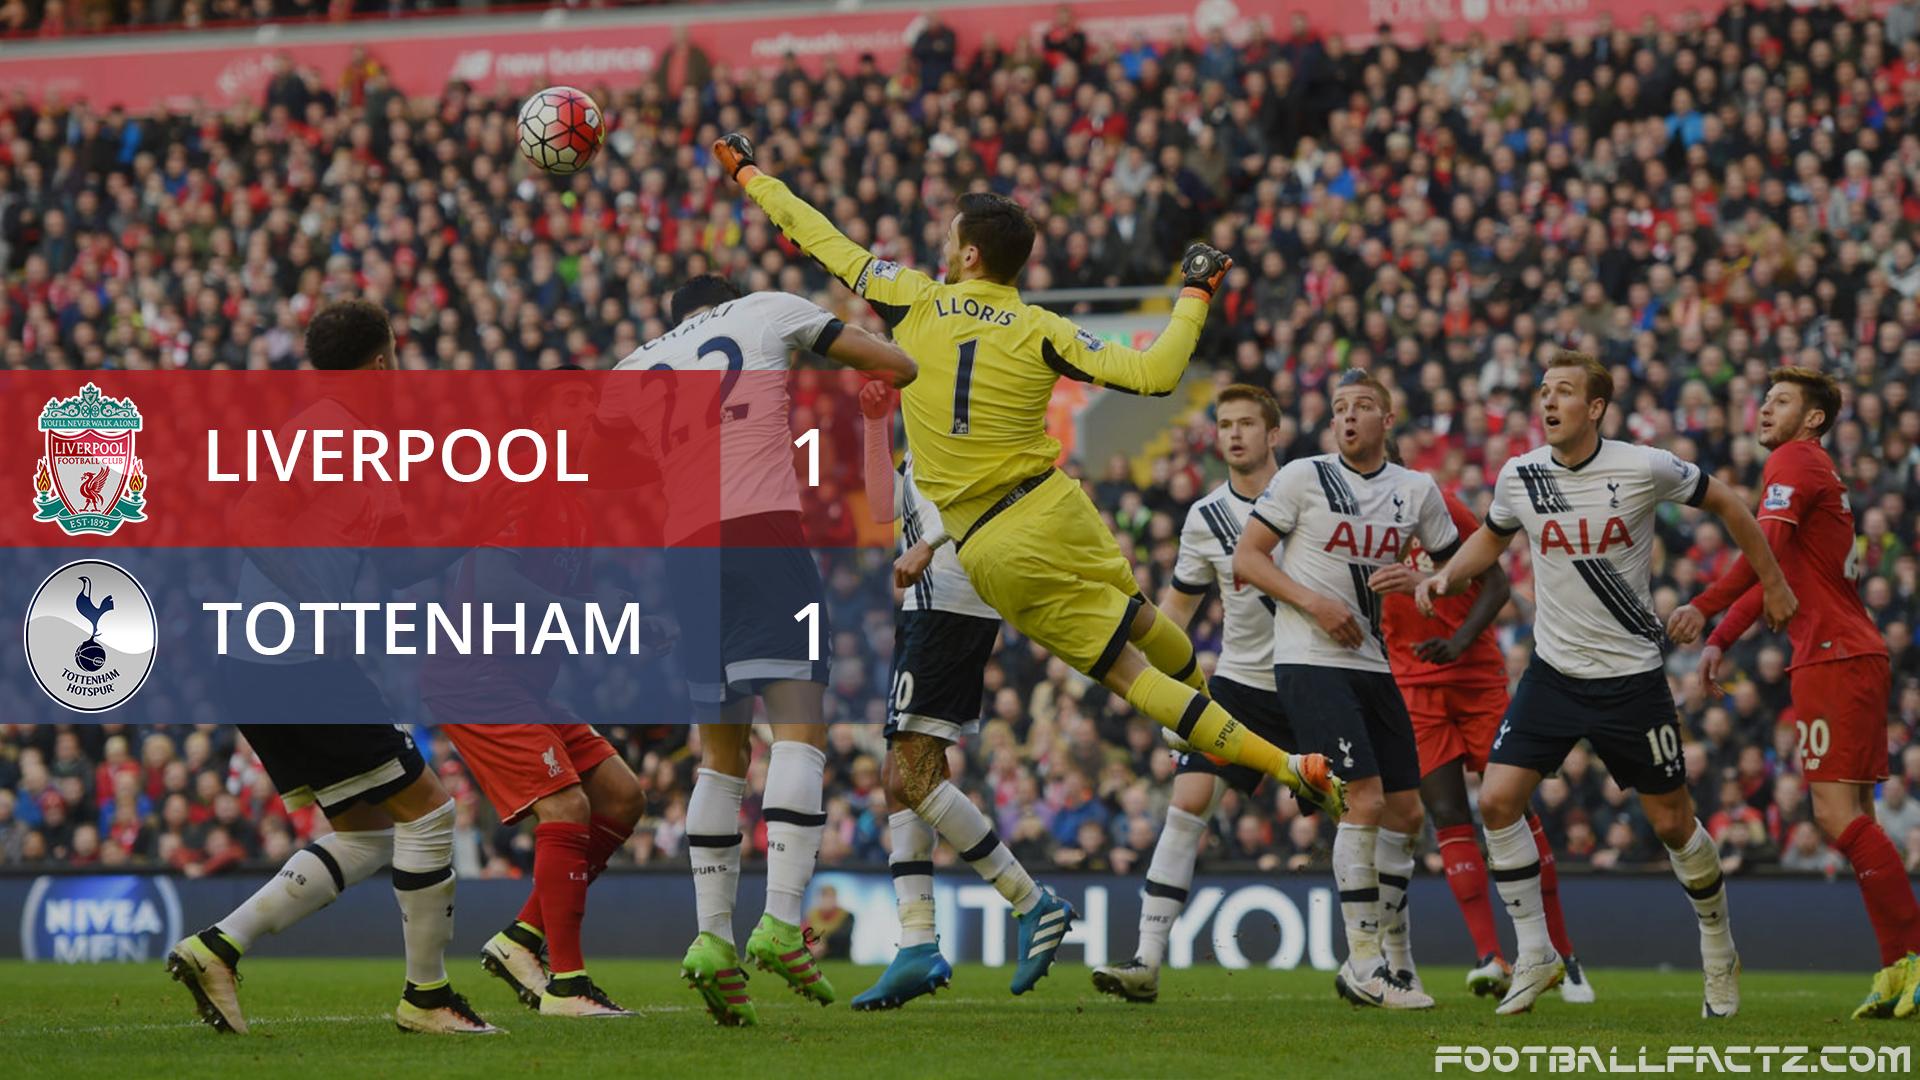 Liverpool 1 - 1 Tottenham, Premier League